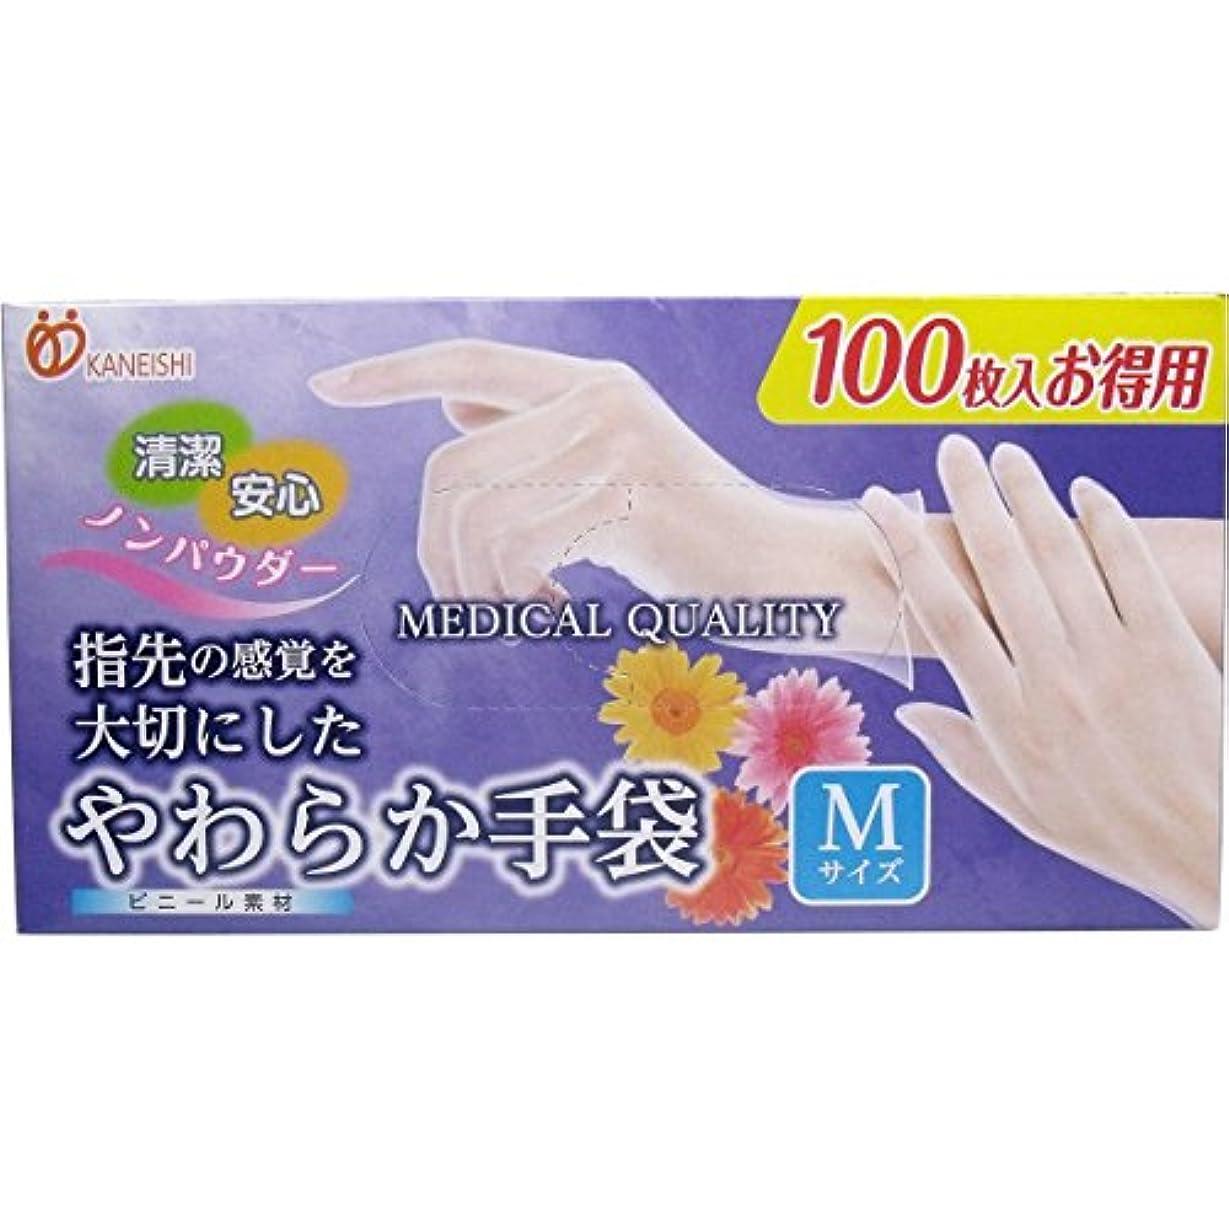 クロール危機アプライアンスやわらか手袋 ビニール素材 Mサイズ 100枚入x6